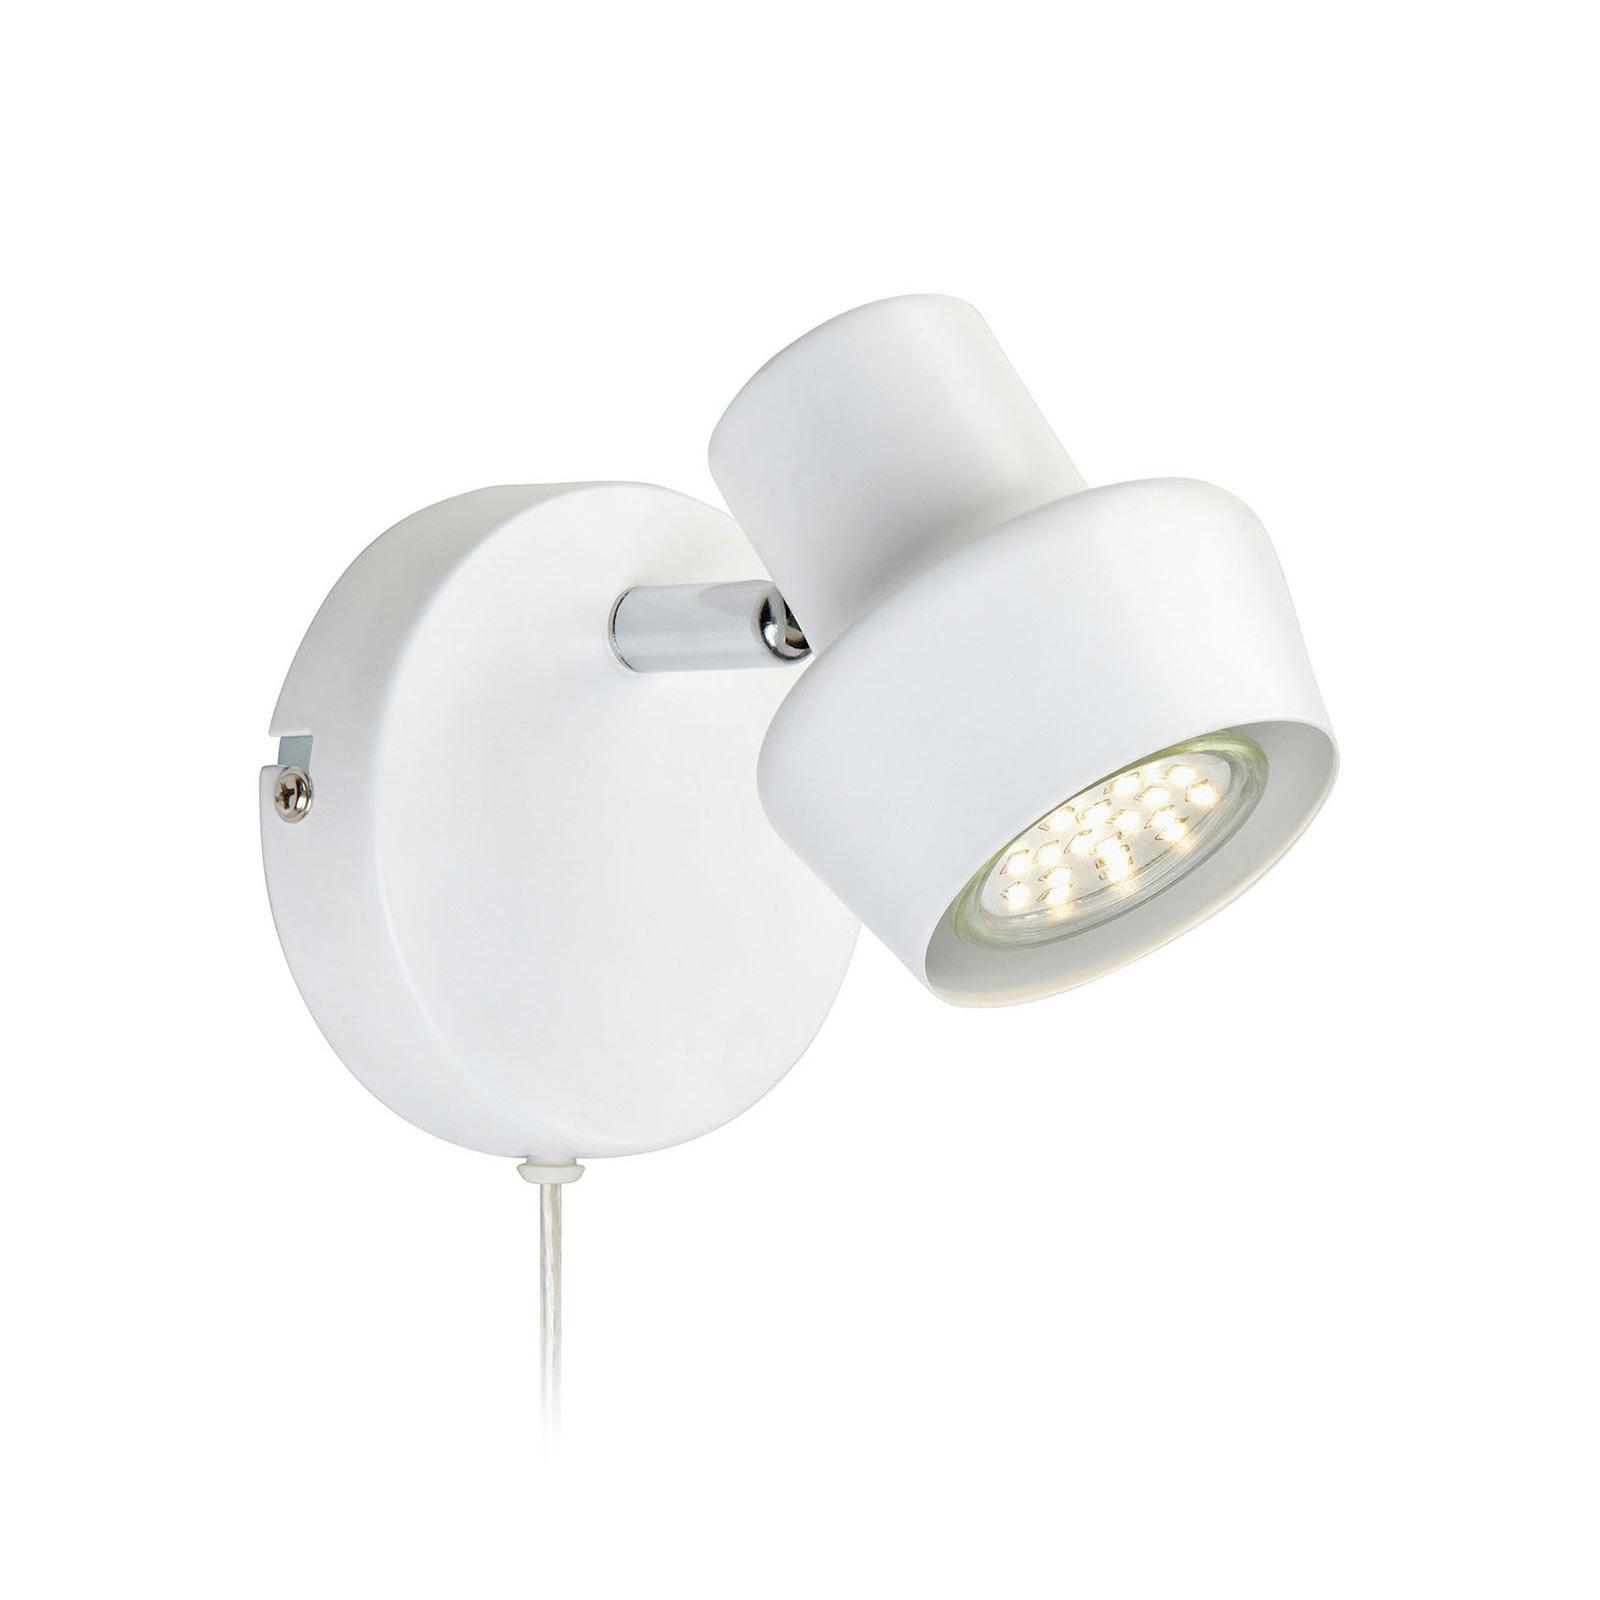 Wandlamp Urn met kabel en stekker, wit